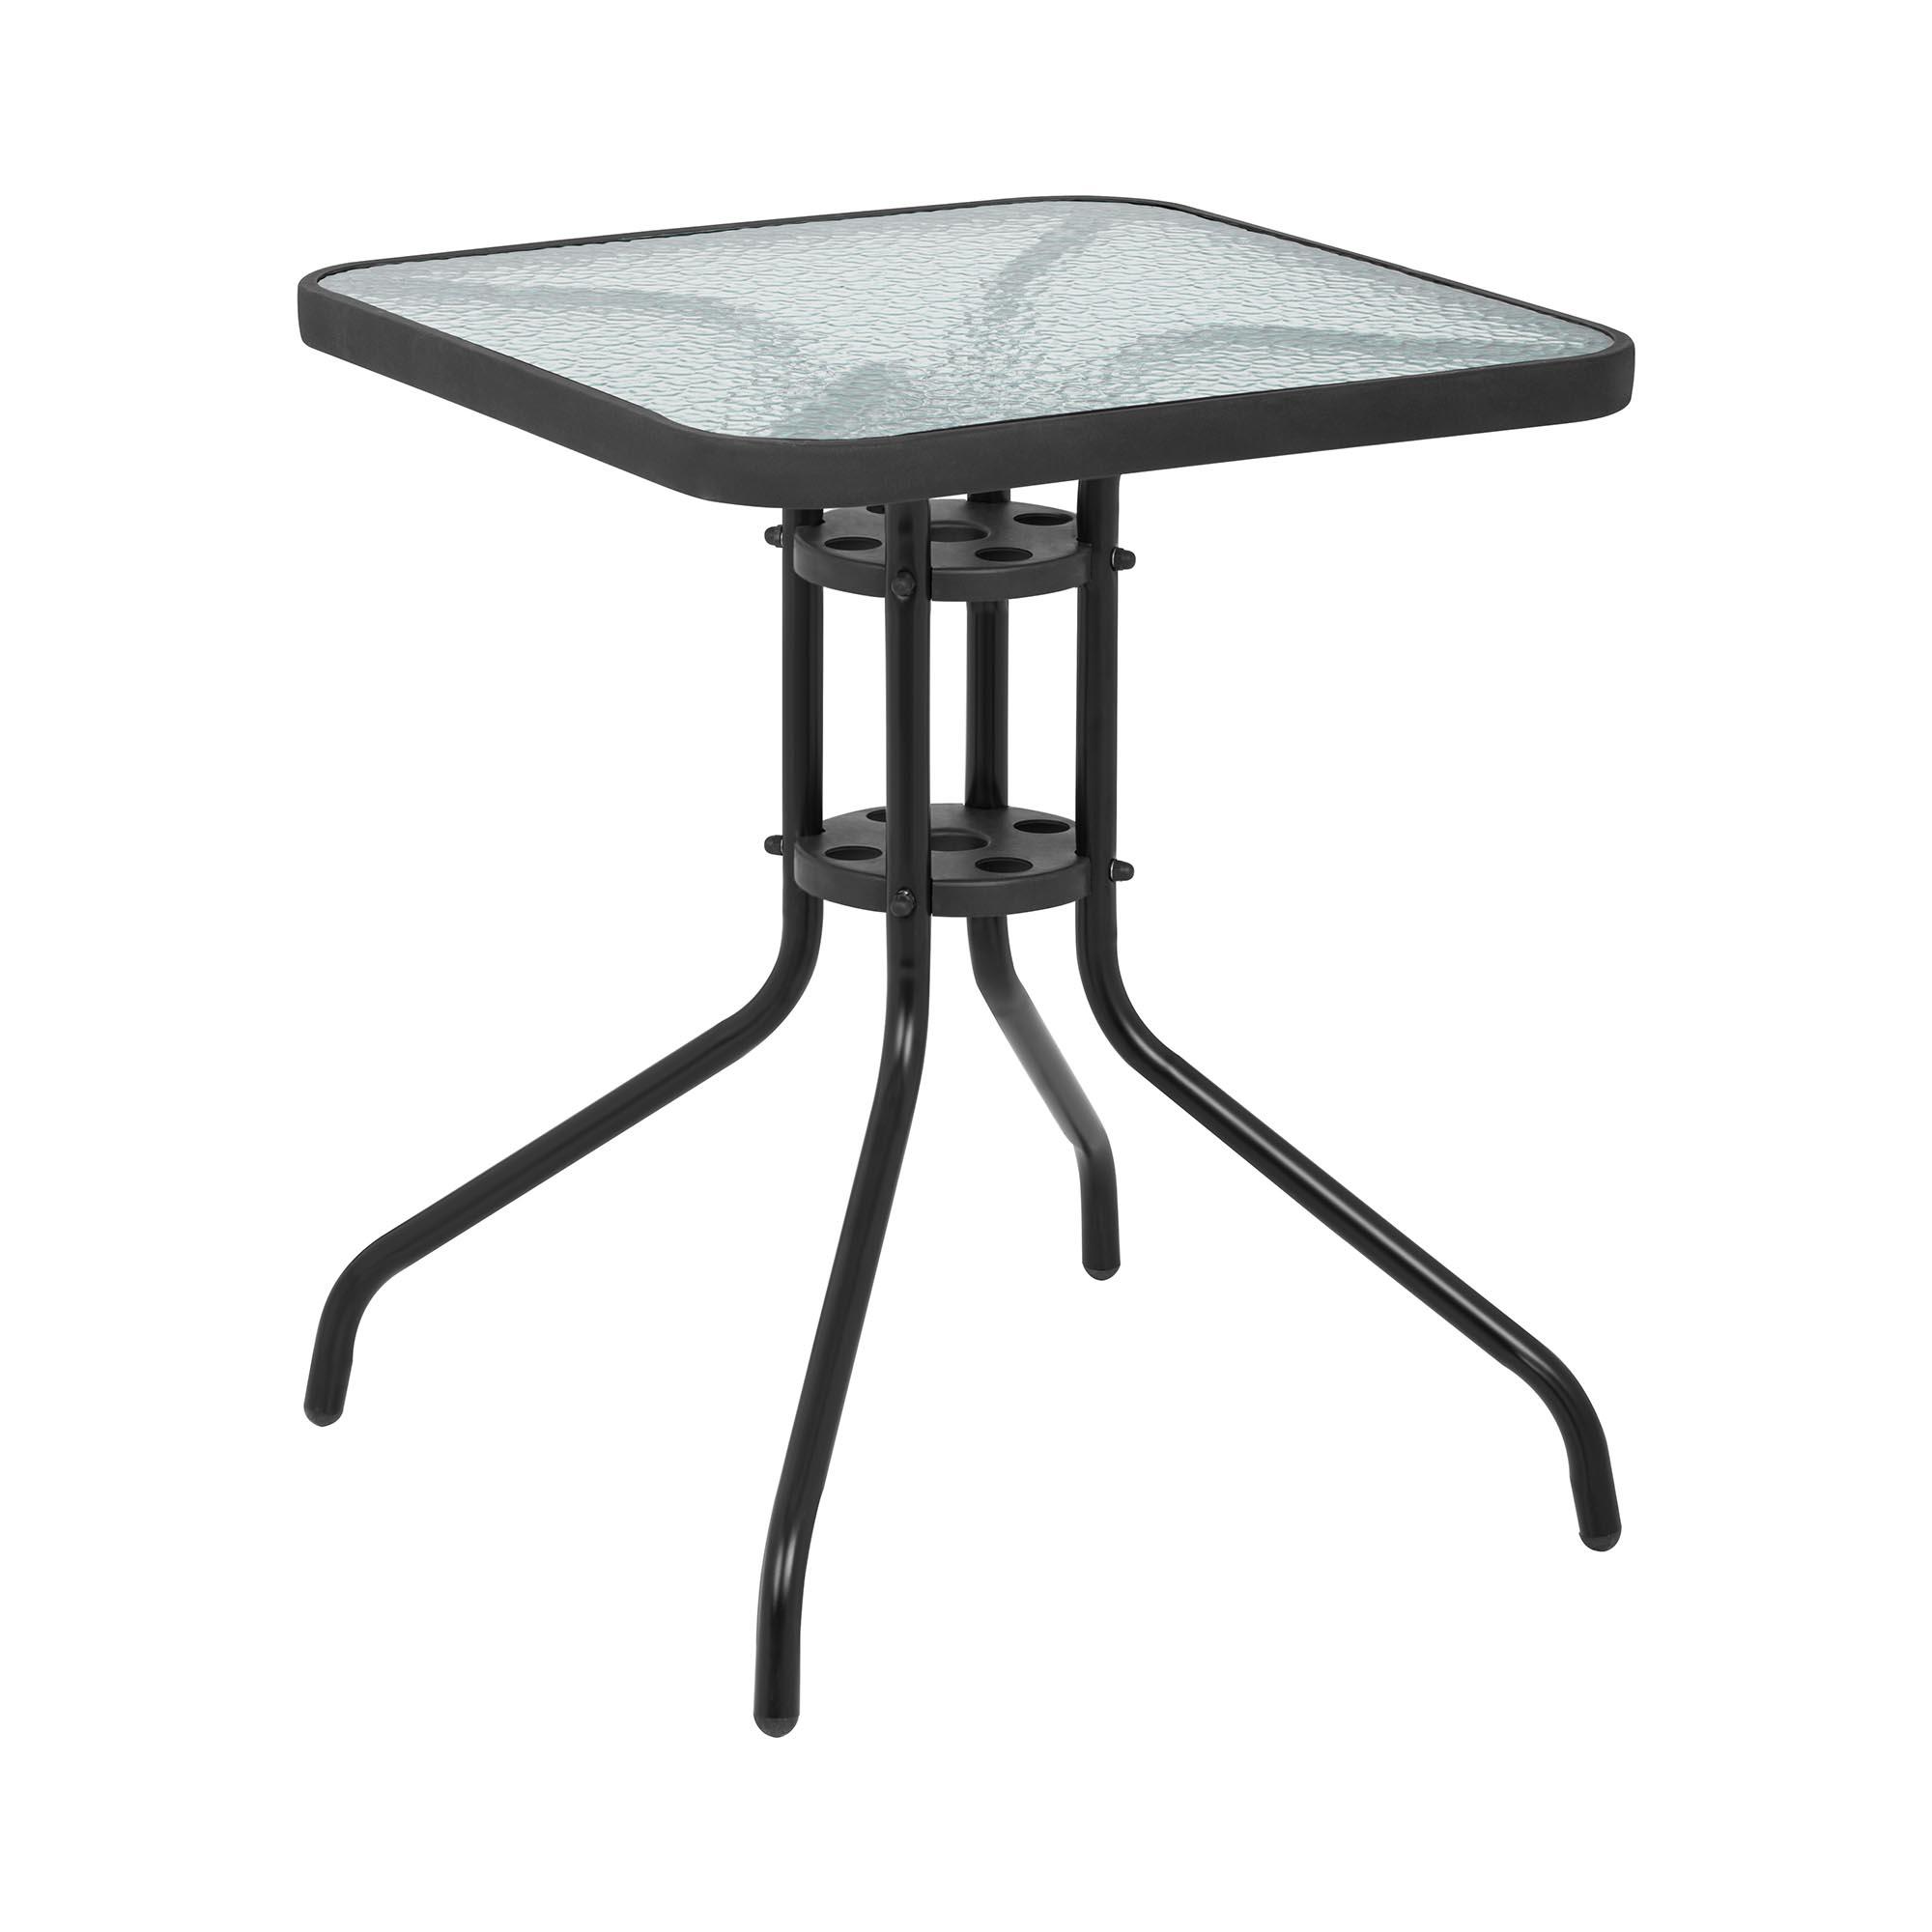 Uniprodo Gartentisch - 60 x 60 cm - Glasplatte - schwarz 10250383